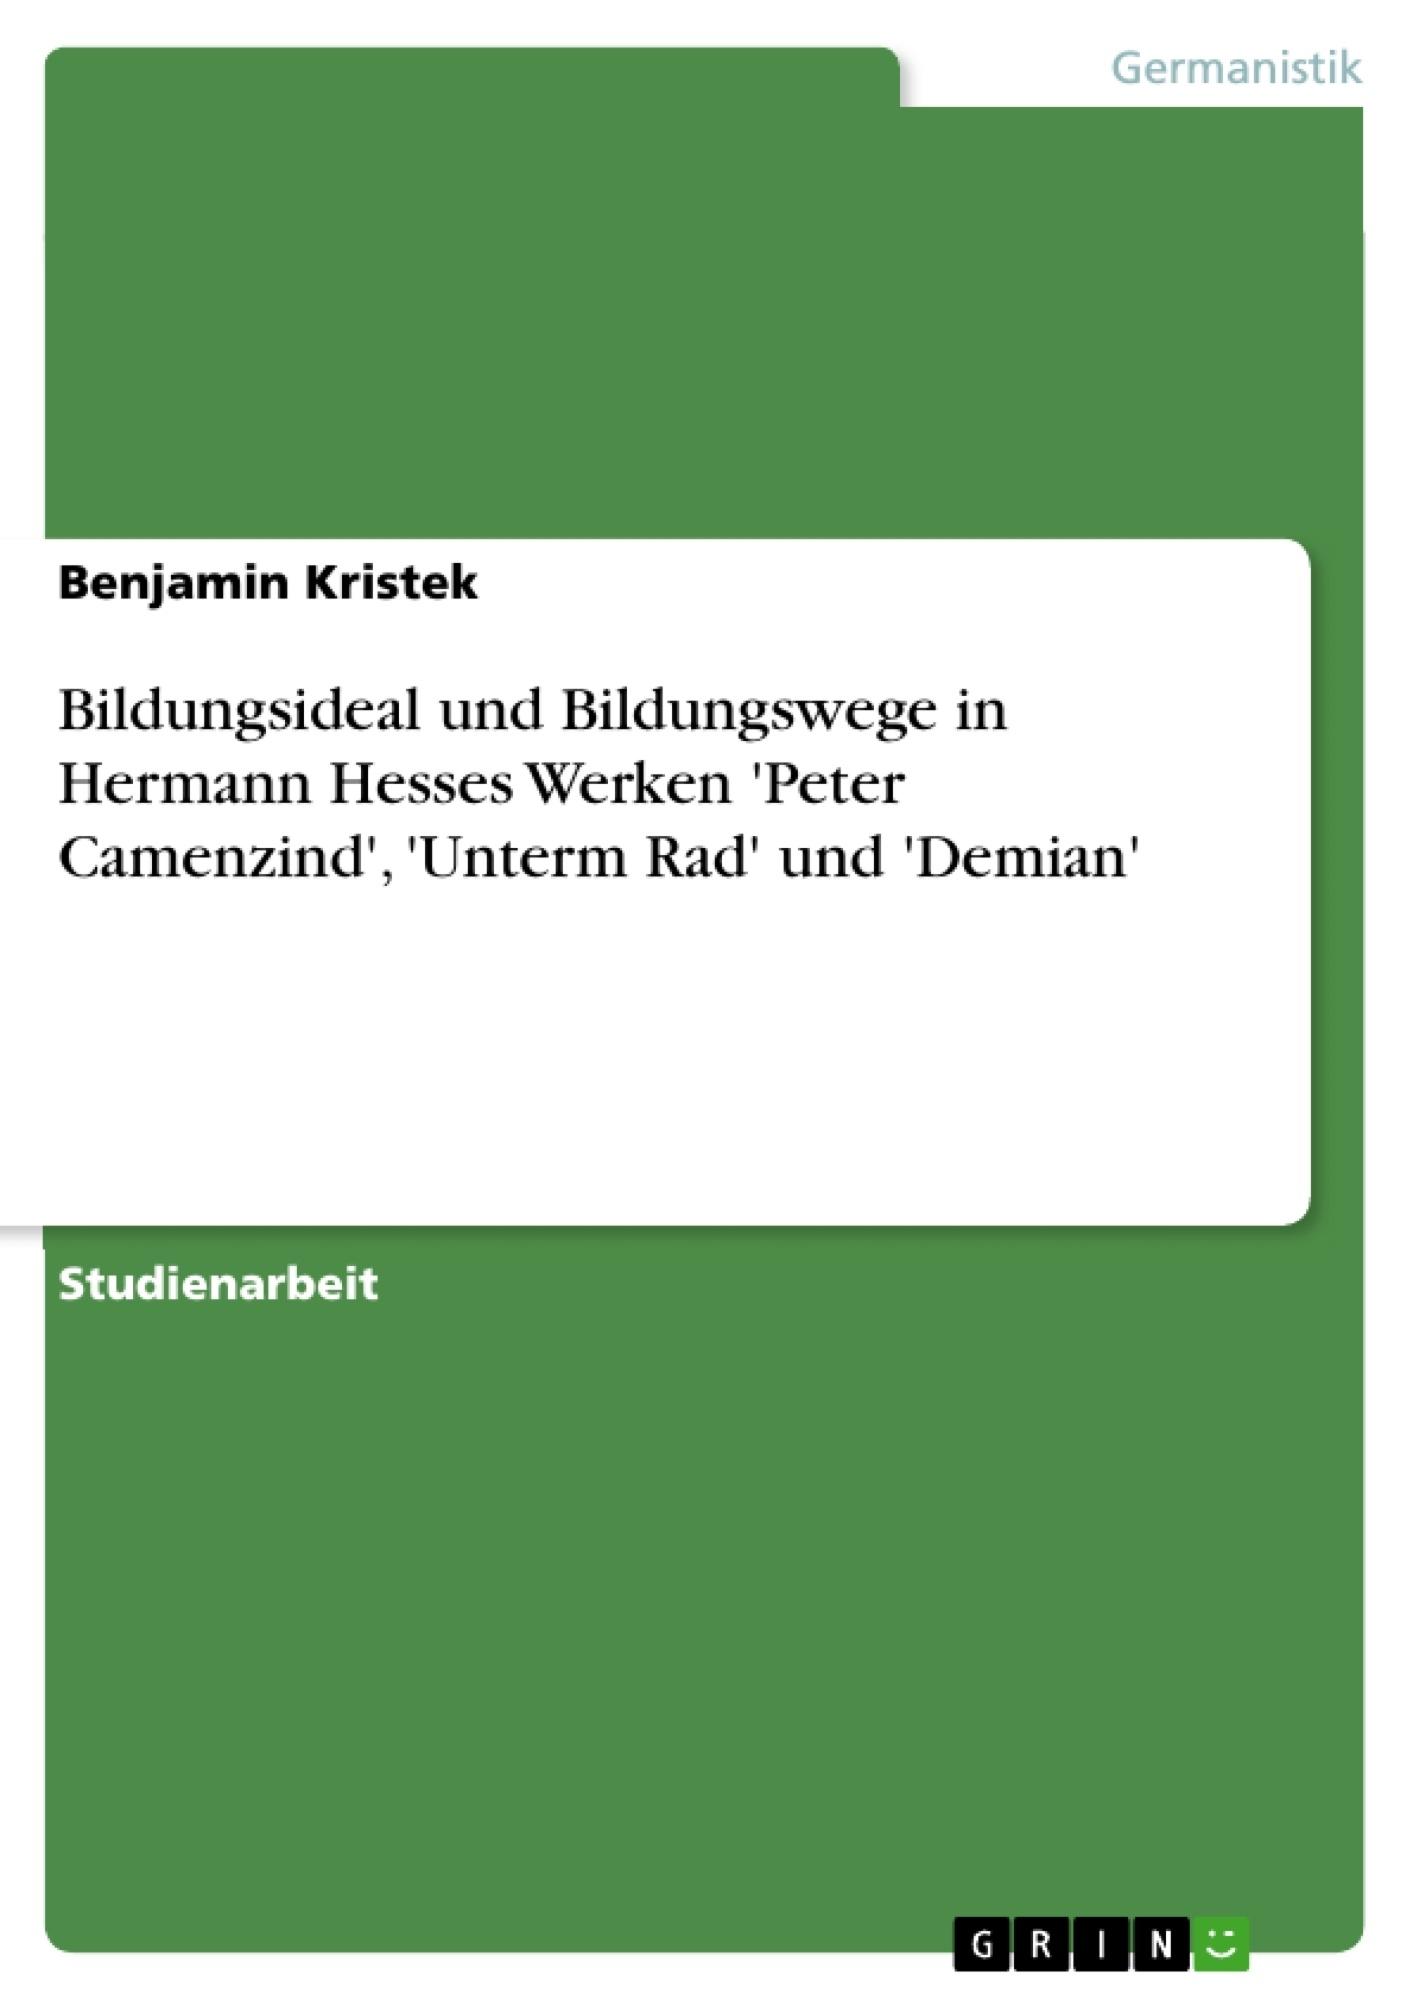 Titel: Bildungsideal und Bildungswege in Hermann Hesses Werken 'Peter Camenzind', 'Unterm Rad' und 'Demian'